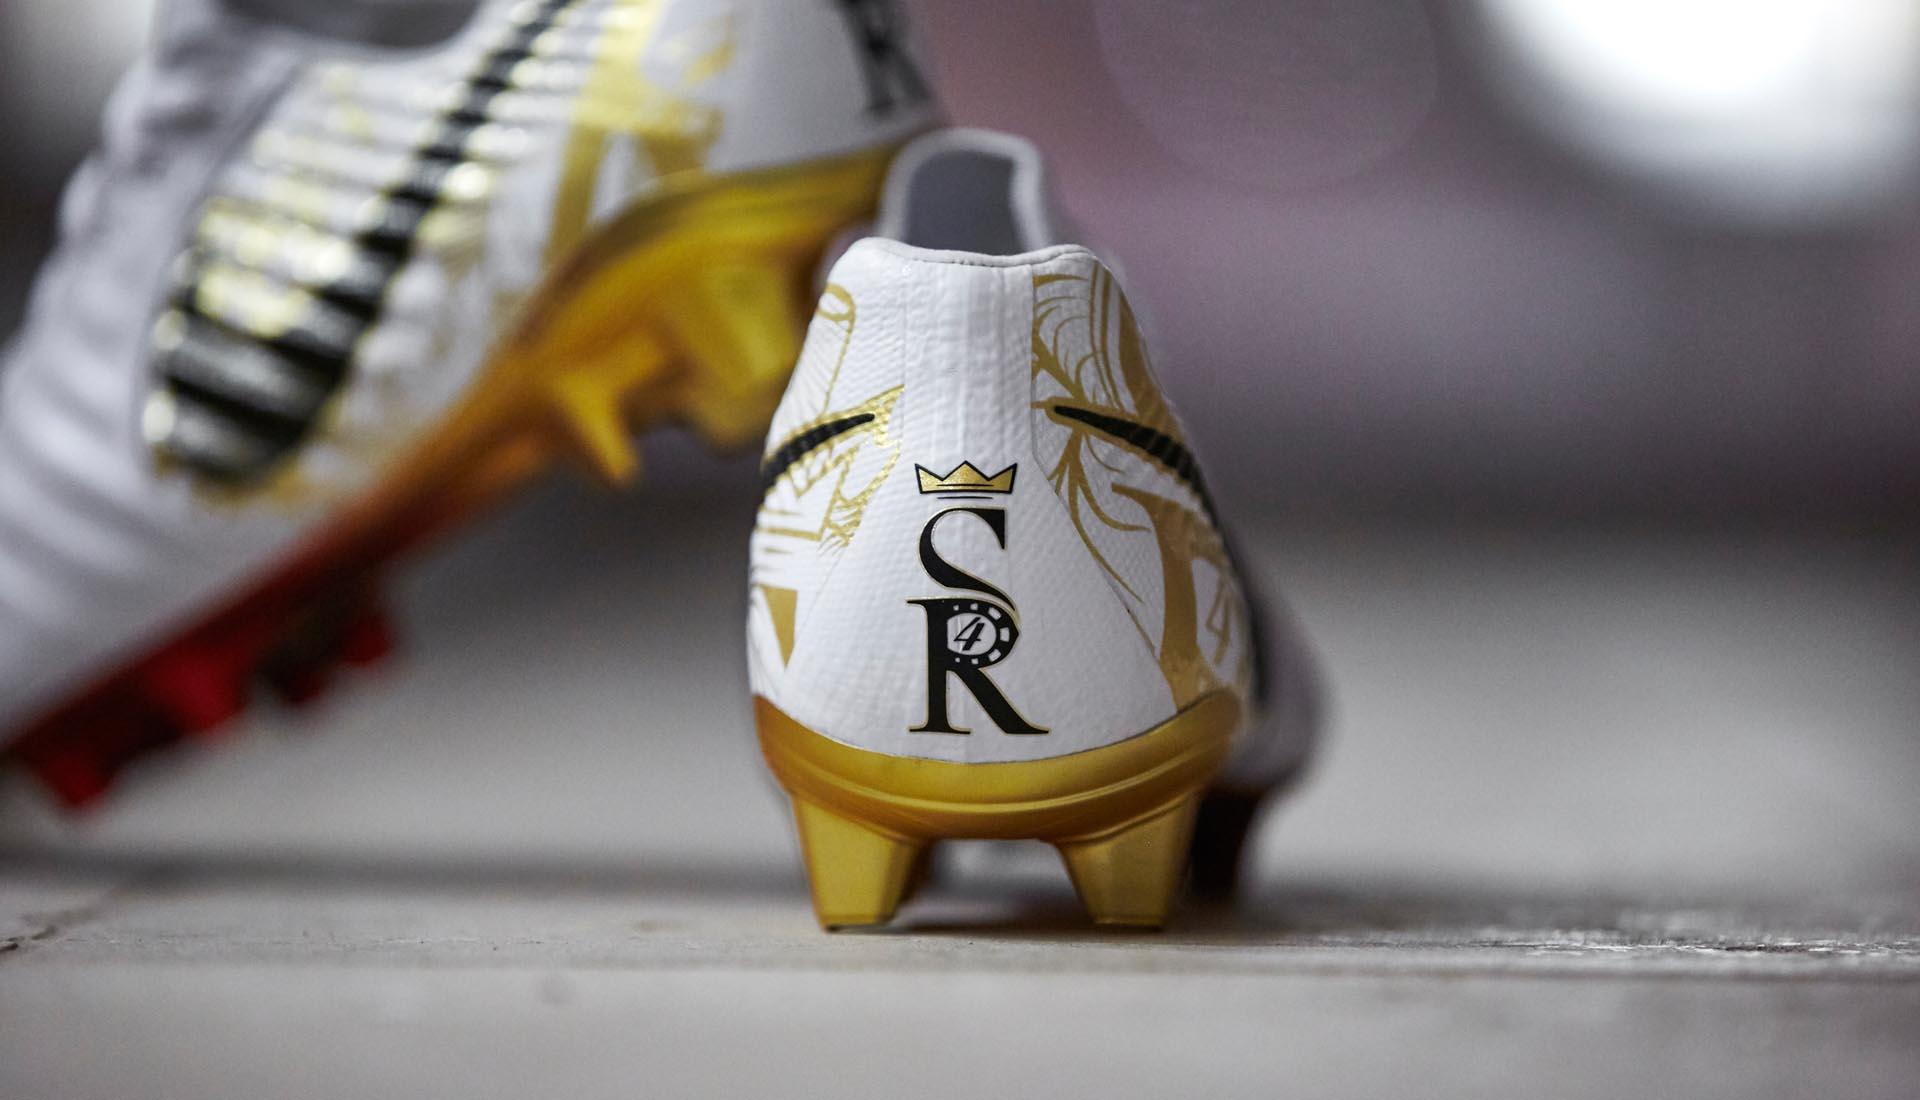 pick up 0d6e3 941f1 Nike Launch Signature Sergio Ramos Tiempo Boots - SoccerBible